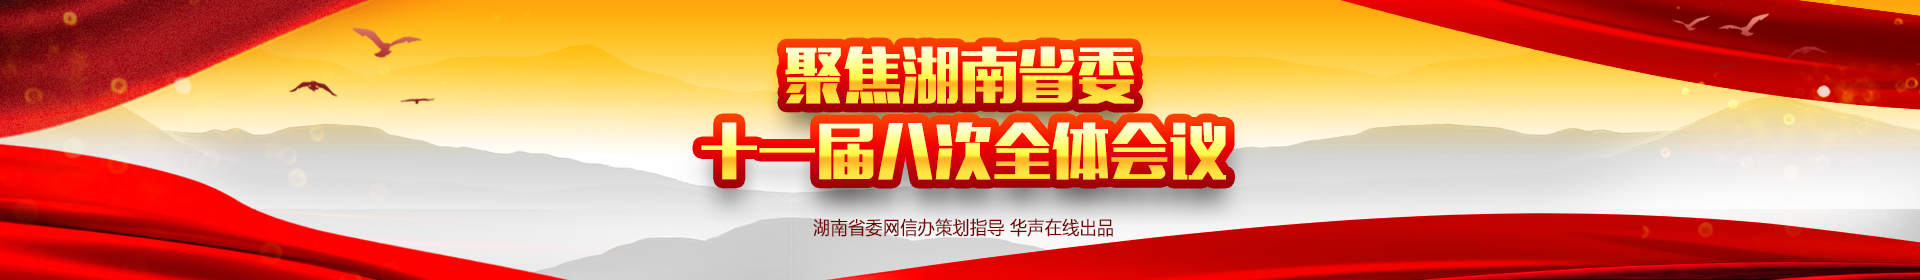 聚焦湖南省委十一届八次全体会议